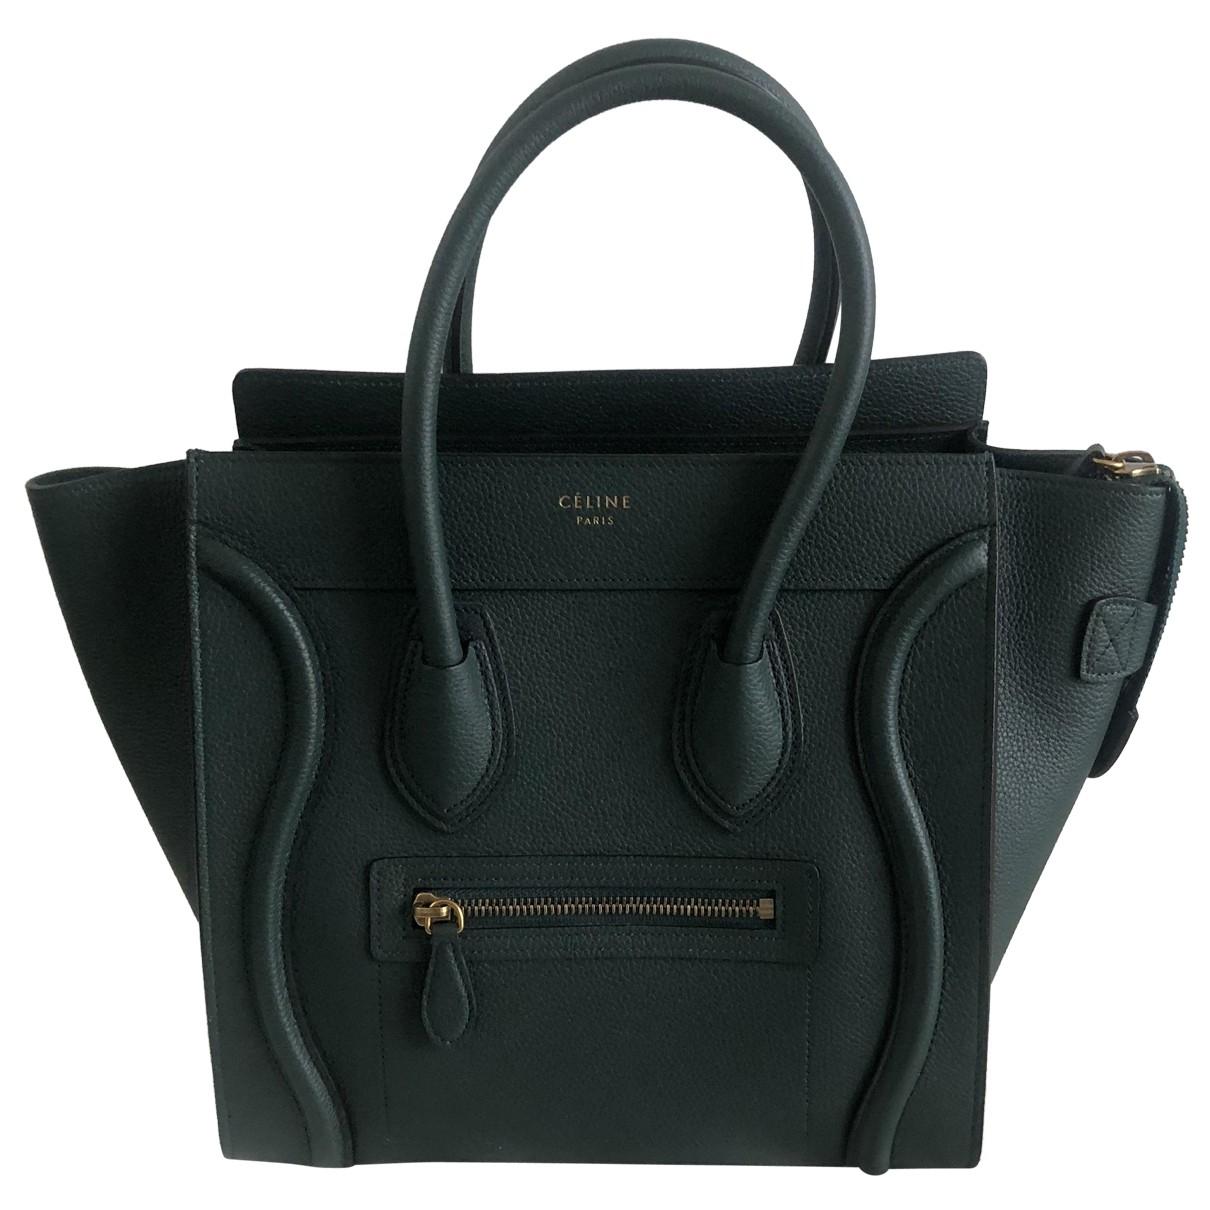 Celine - Sac a main Luggage pour femme en cuir - vert